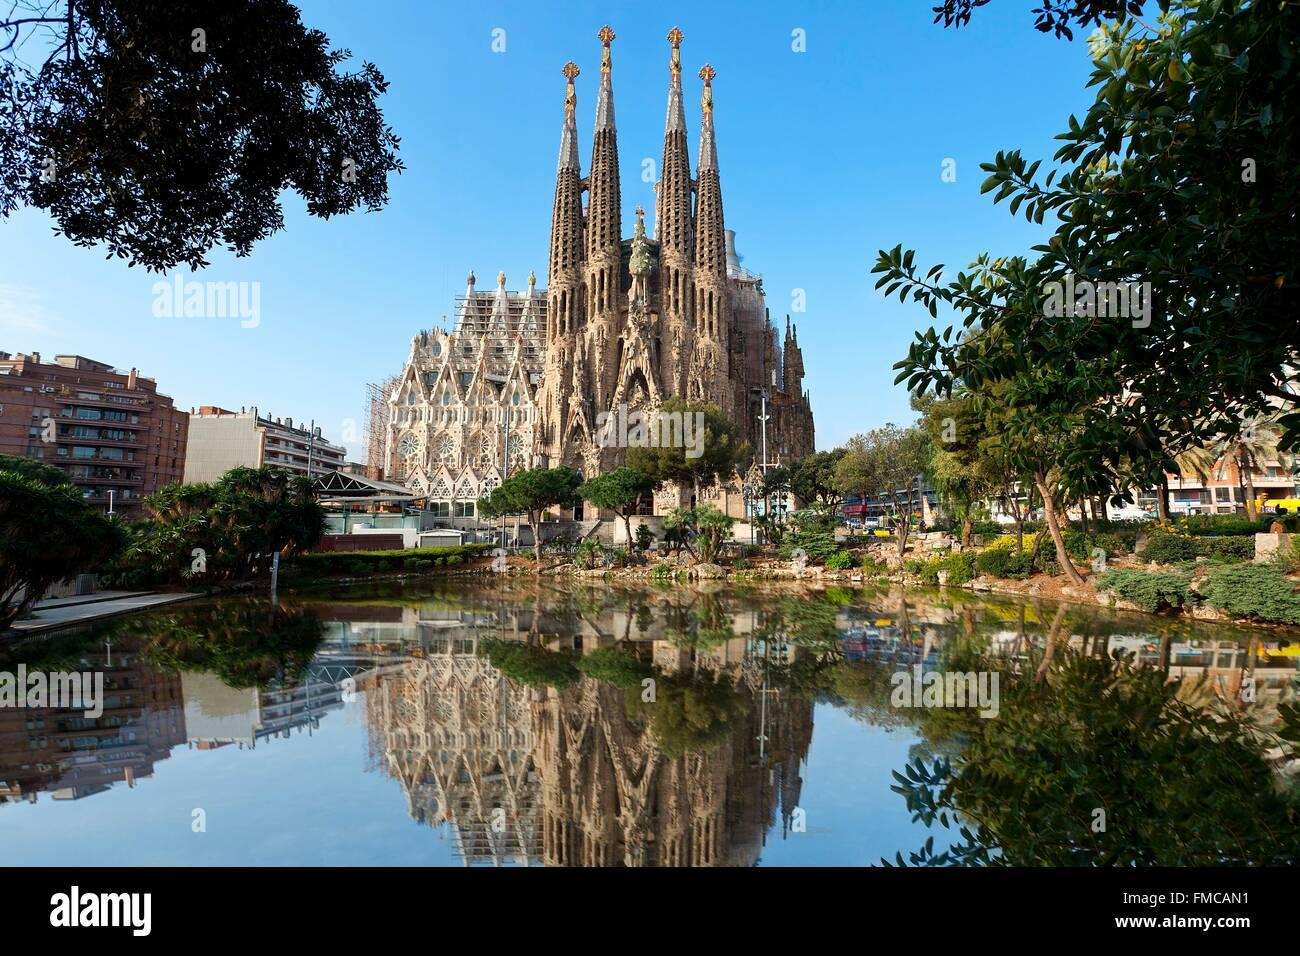 In Spagna, in Catalogna, Barcellona, cattedrale Sagrada Familia elencati come patrimonio mondiale dall' UNESCO Immagini Stock